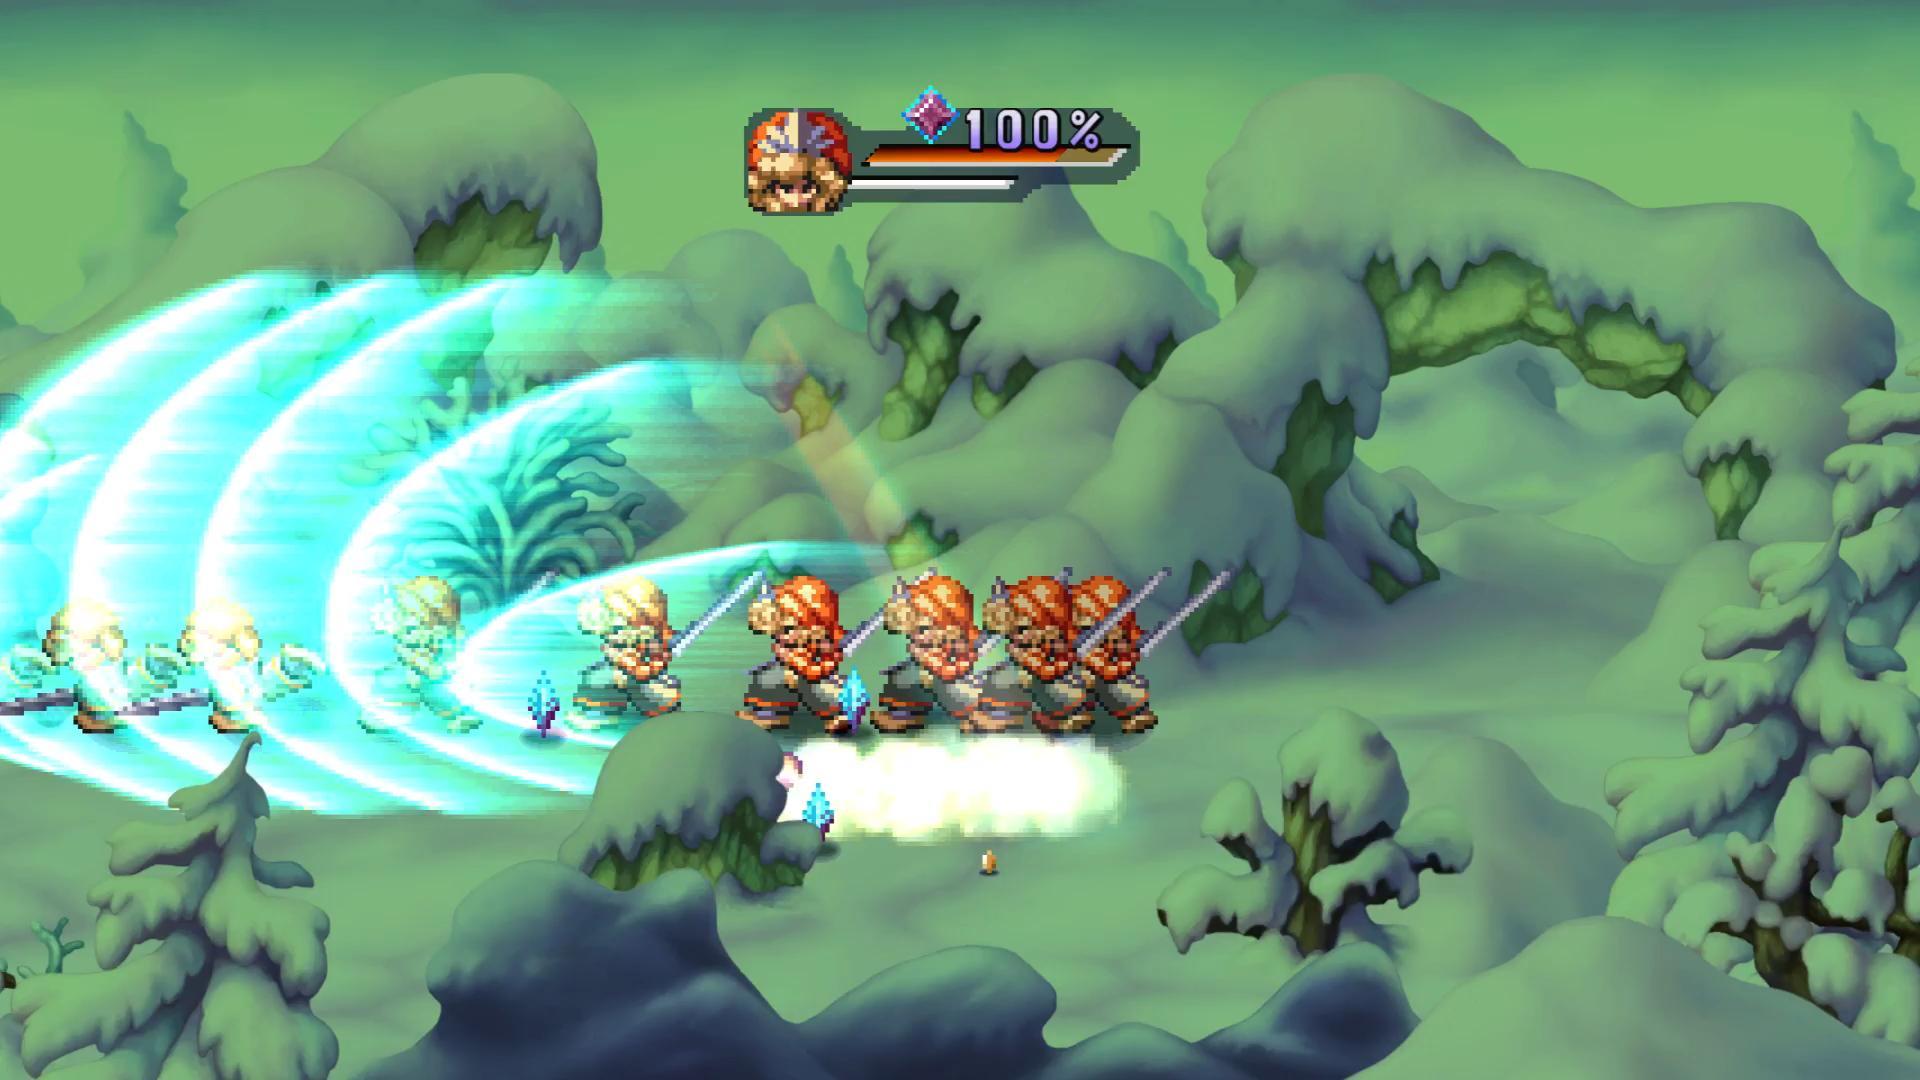 Legend-of-Mana-Remaster-23.jpg?ssl=1